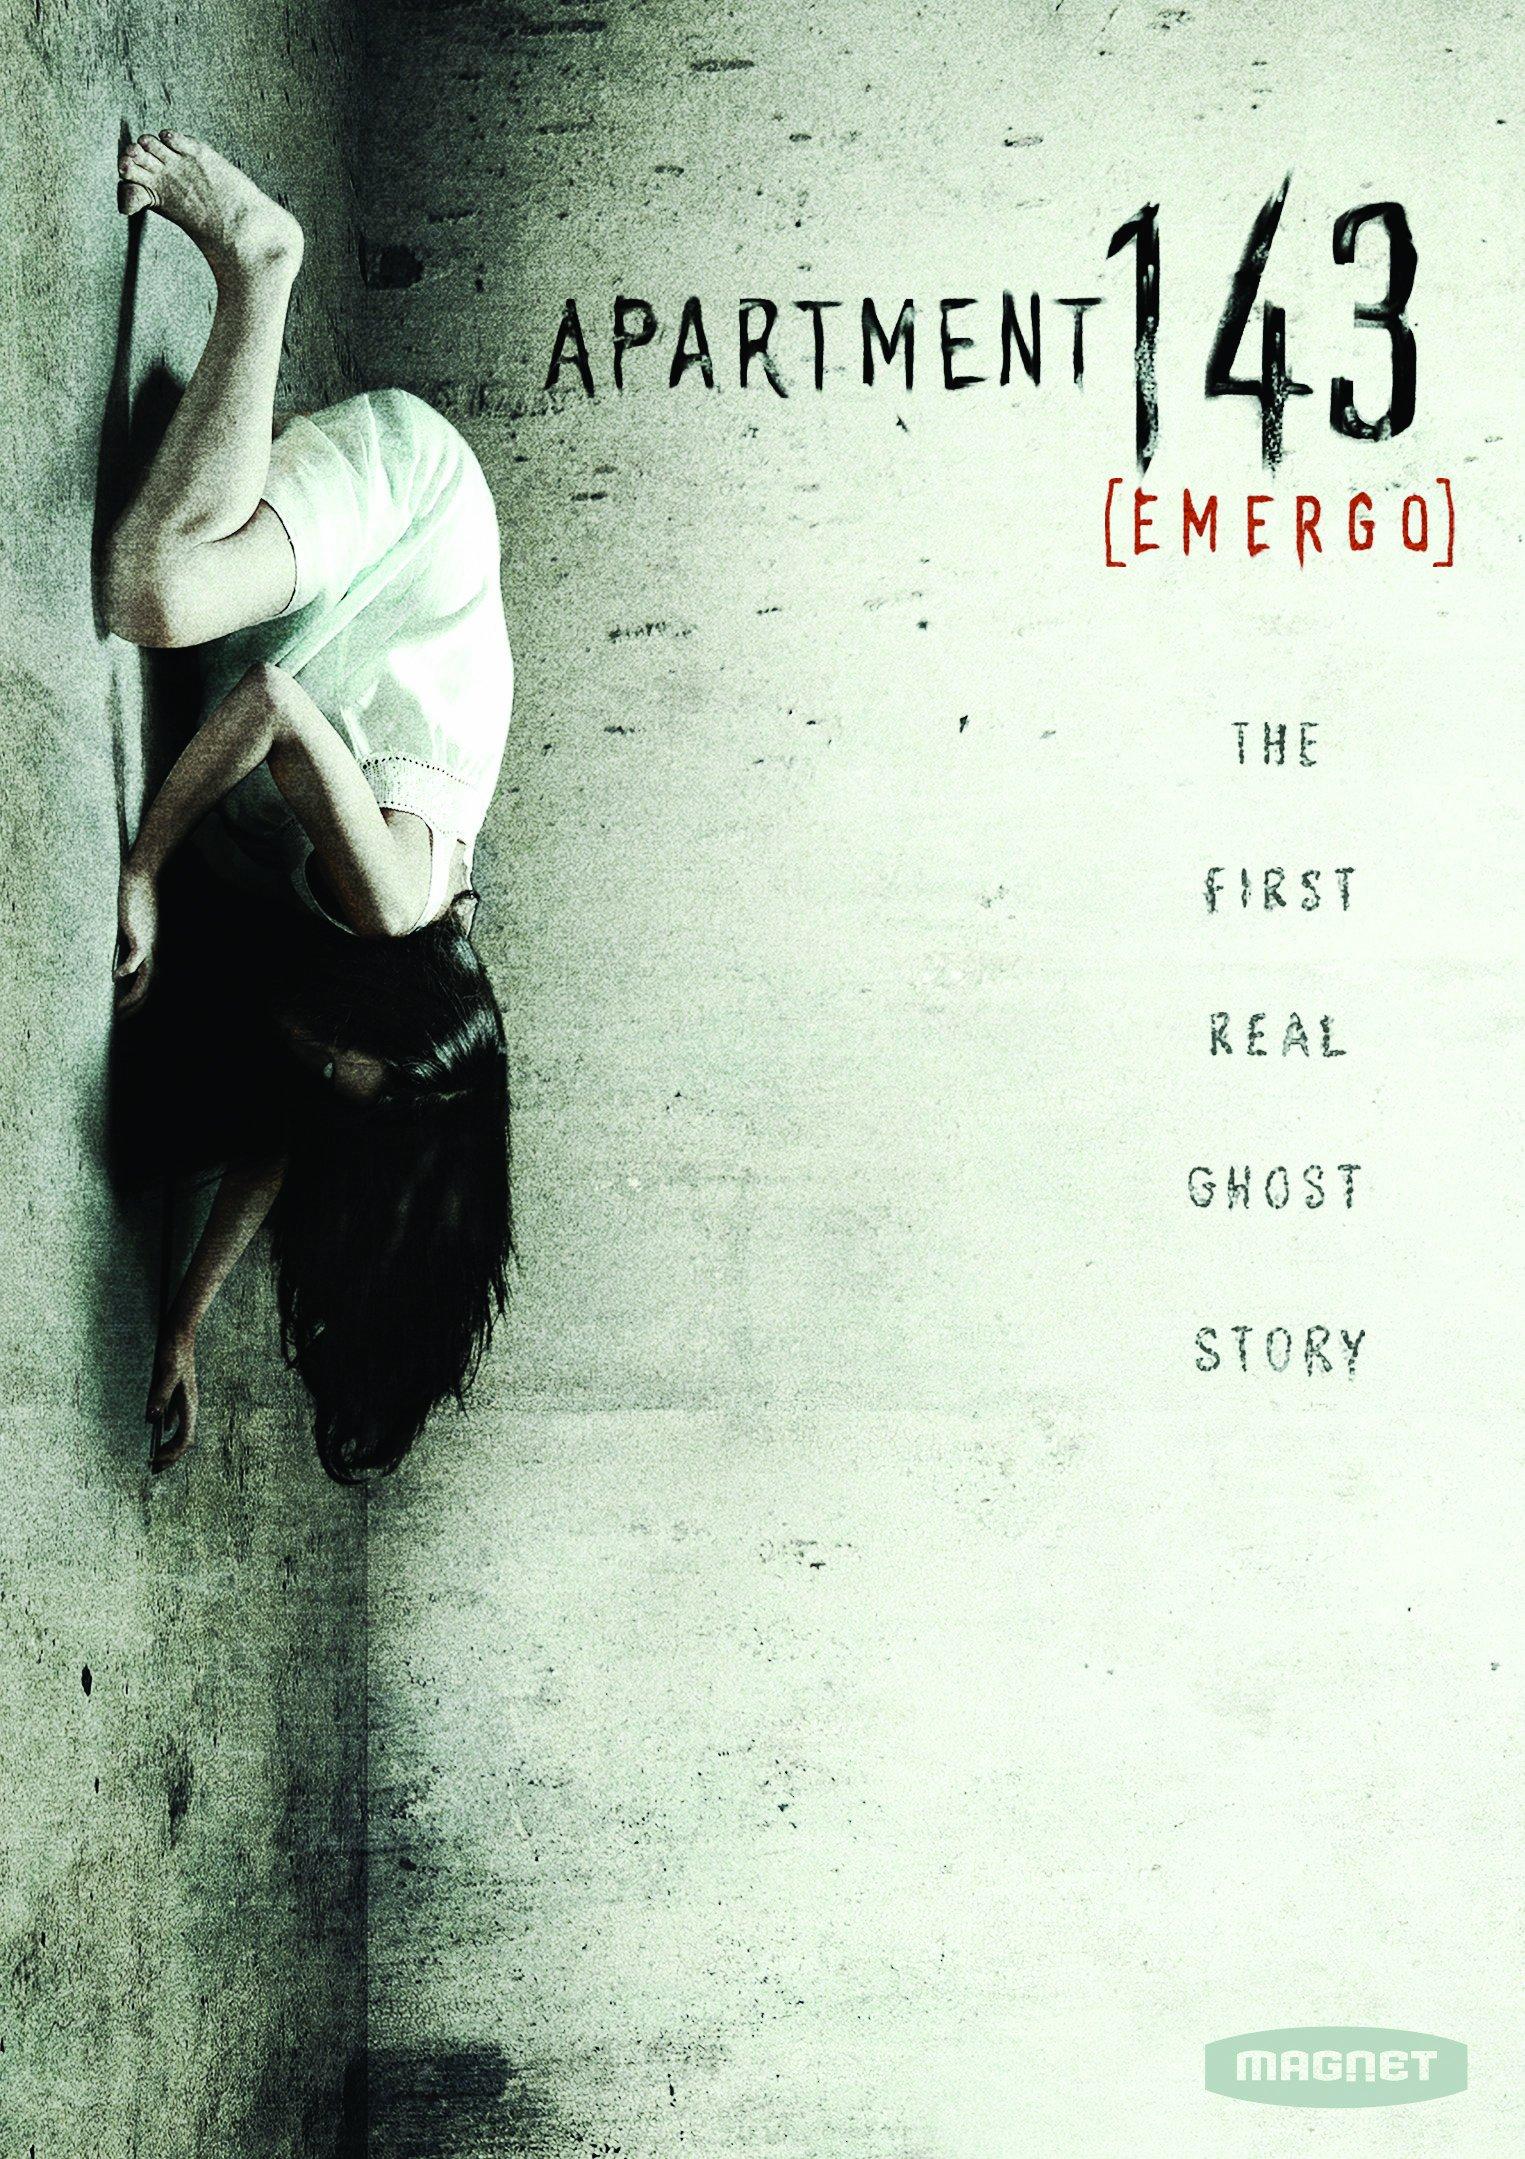 Apartment-143